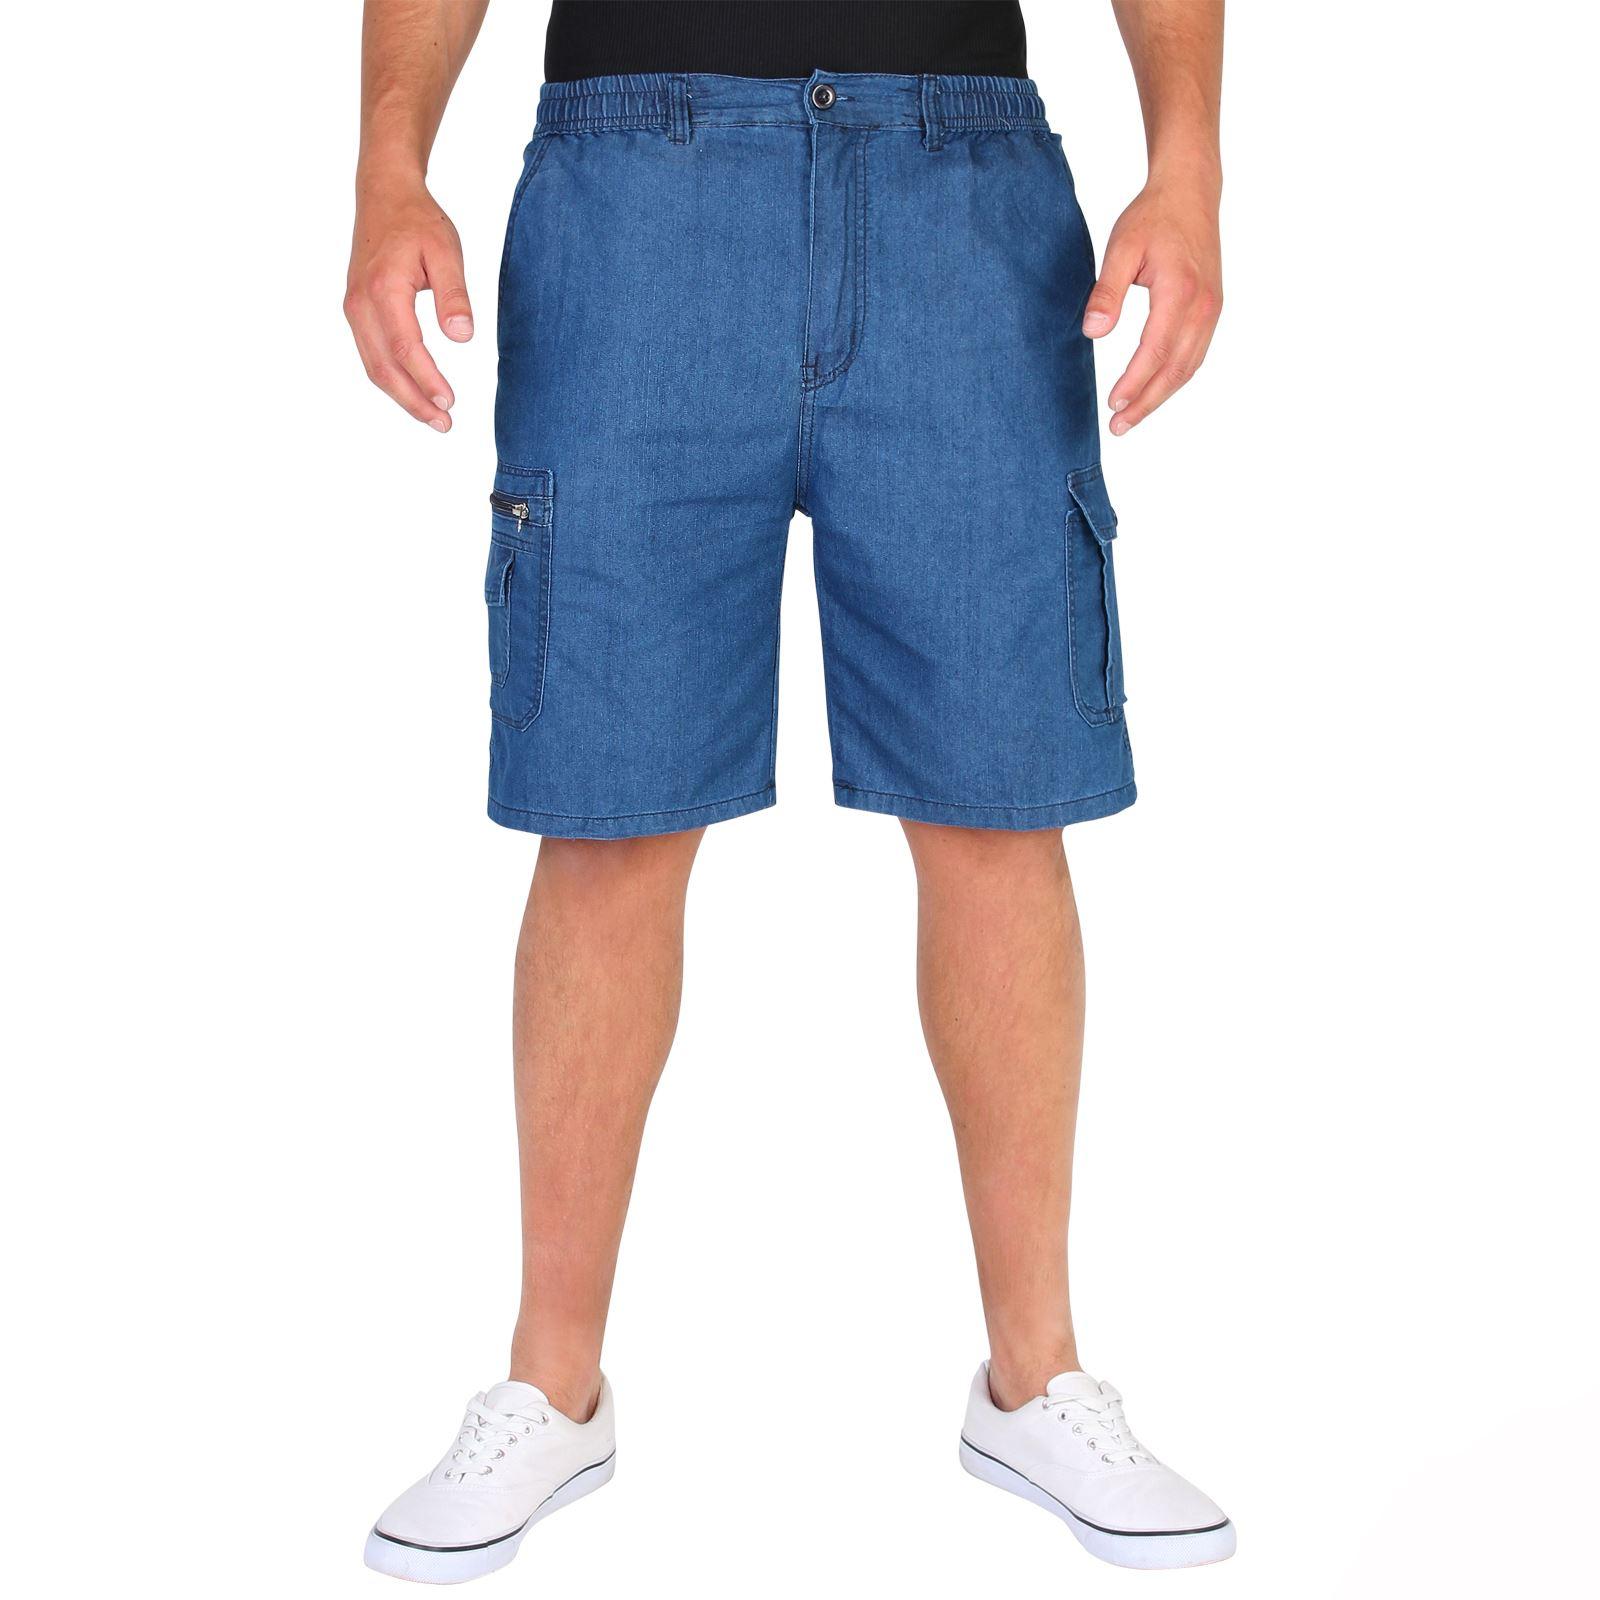 herren leichte denim cargo shorts knielang seitliche taschen combat jeanshose ebay. Black Bedroom Furniture Sets. Home Design Ideas